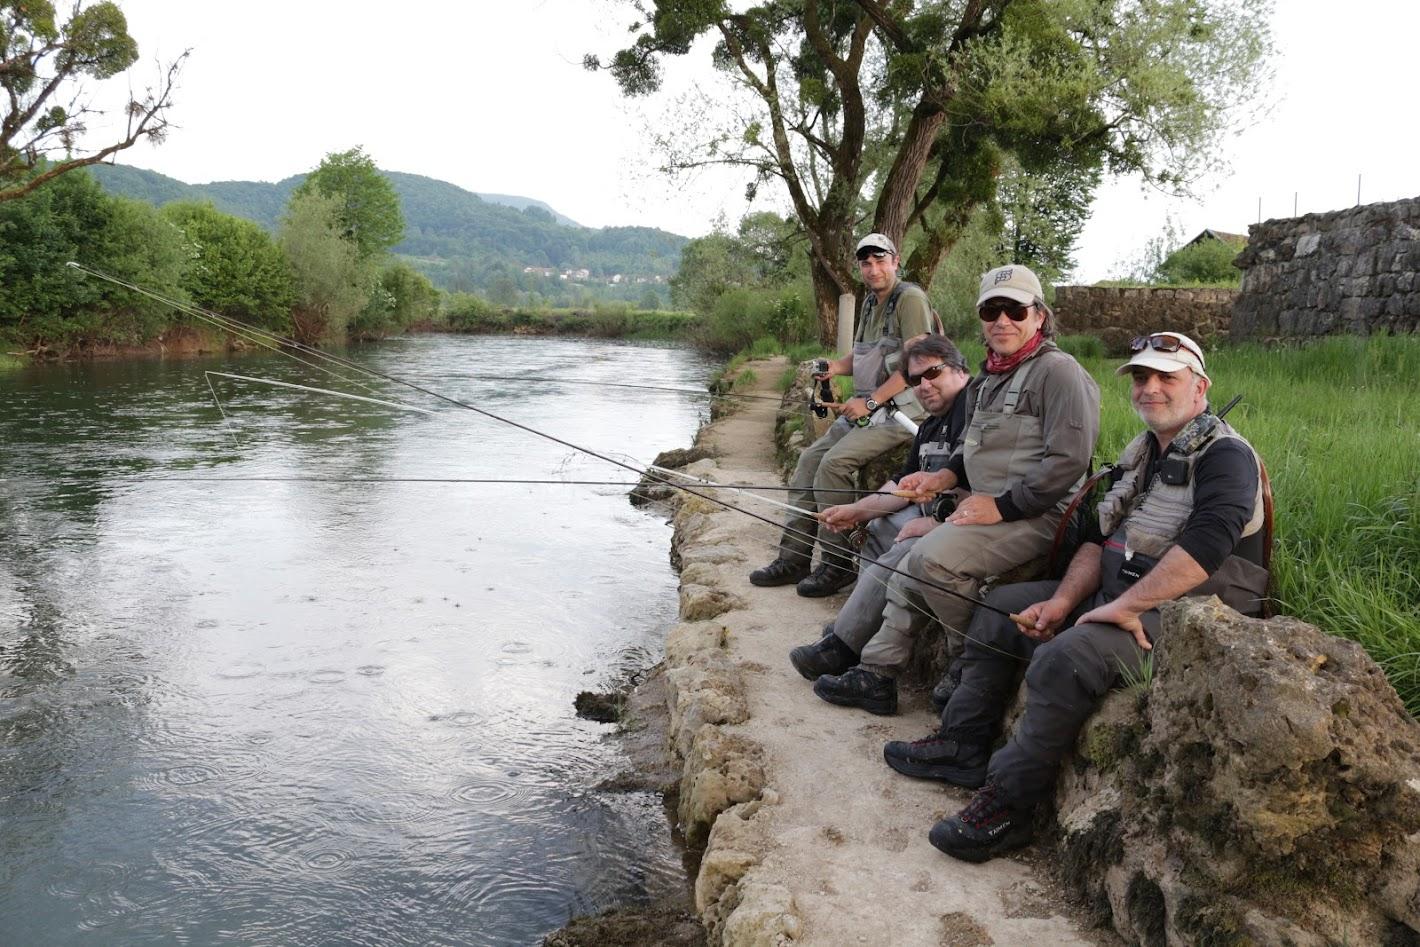 Липани и Даники - река Саница - Босна и Херцеговина